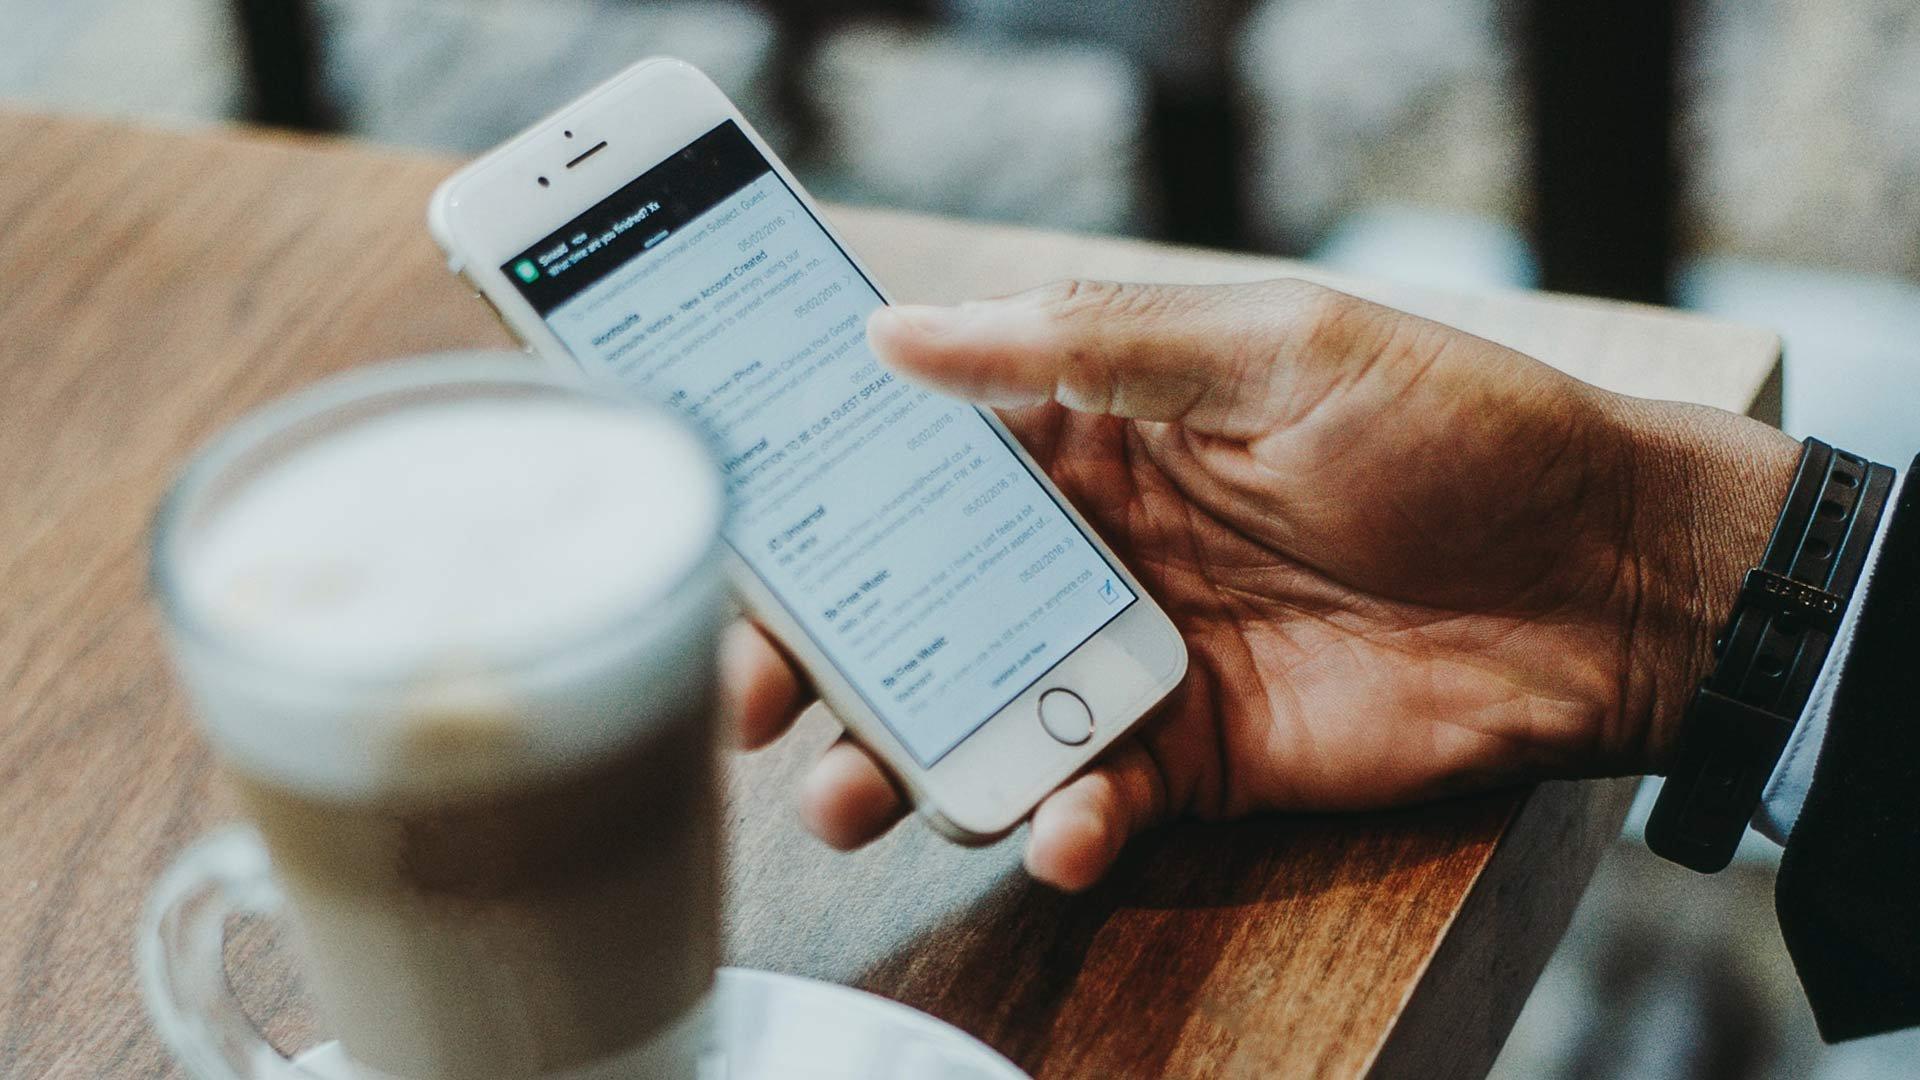 Consigli email marketing   Come migliorare la tua strategia di email marketing nel 2018